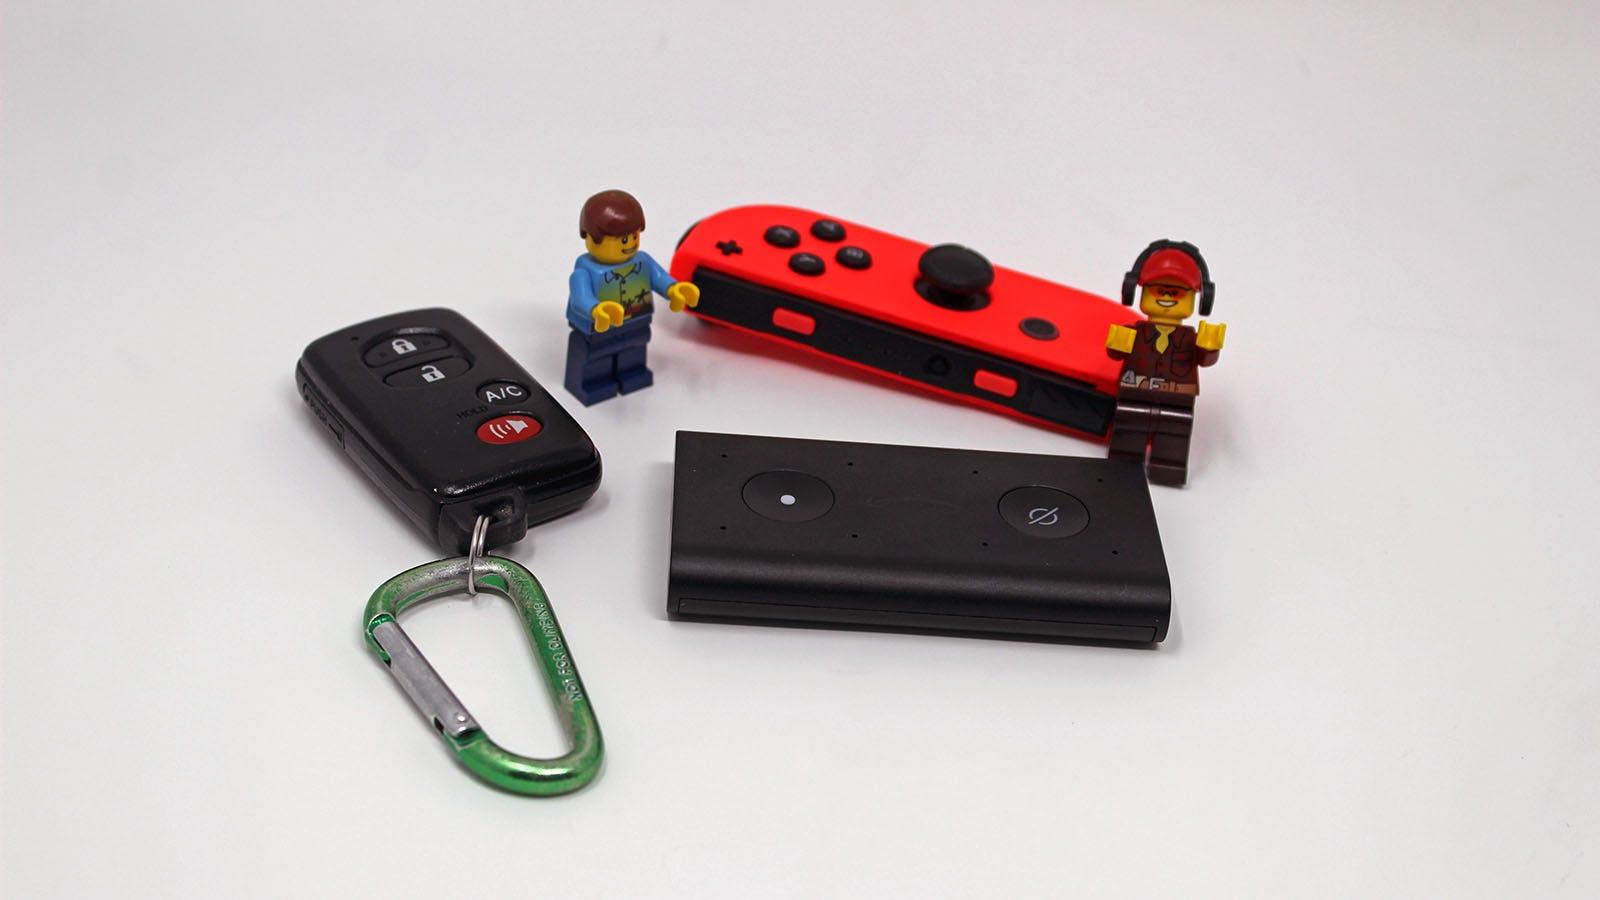 An Echo next to a Prius key fob, Nintendo Joy-Con and two lego Minifigs.